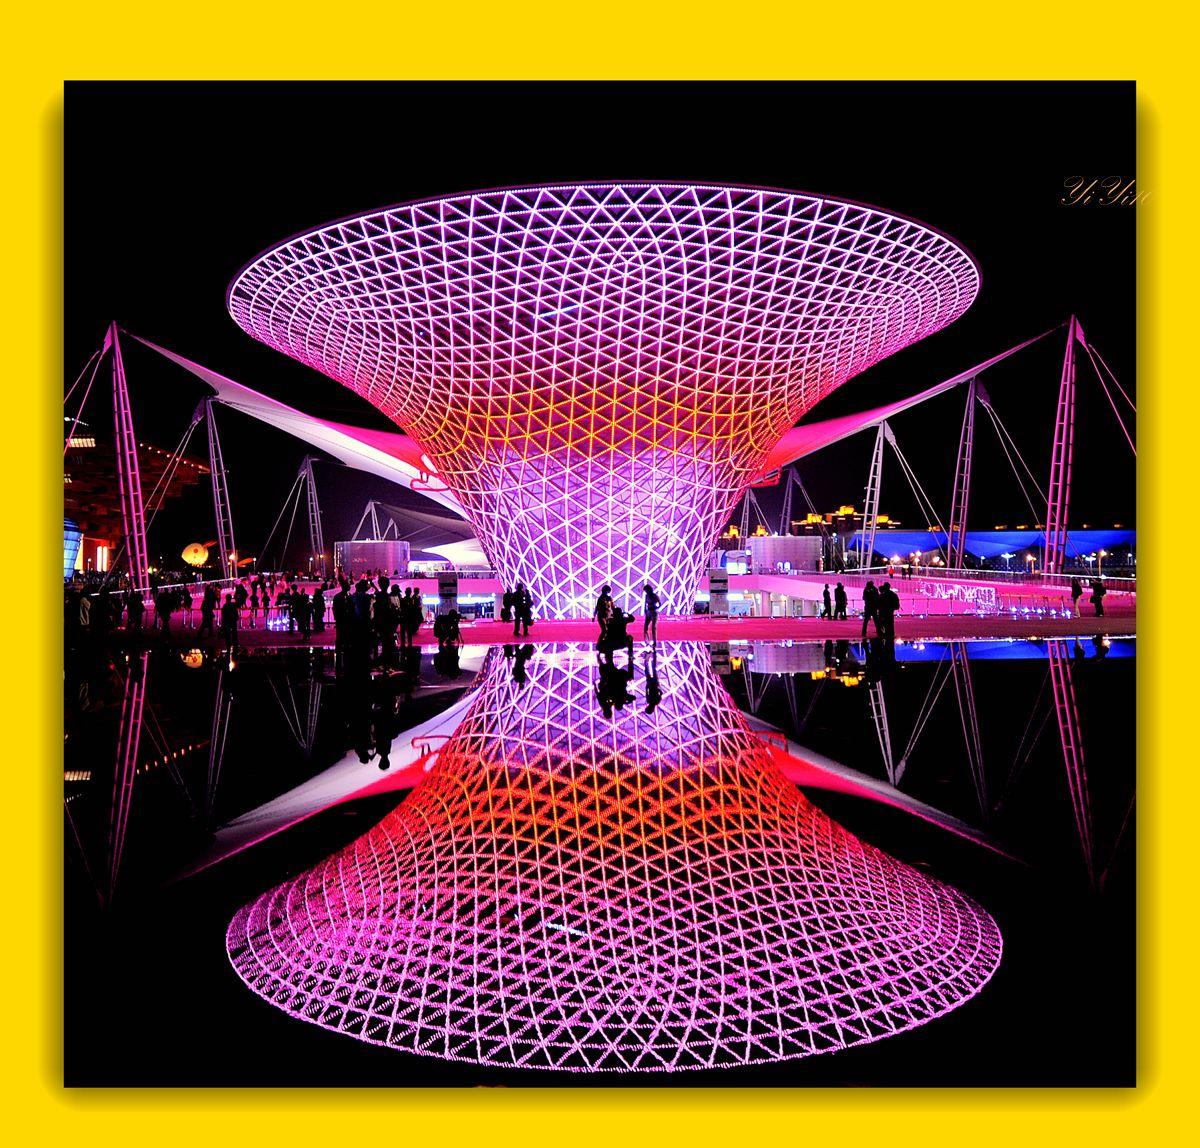 【原创】再现上海世博会世博轴(摄影)_图1-1